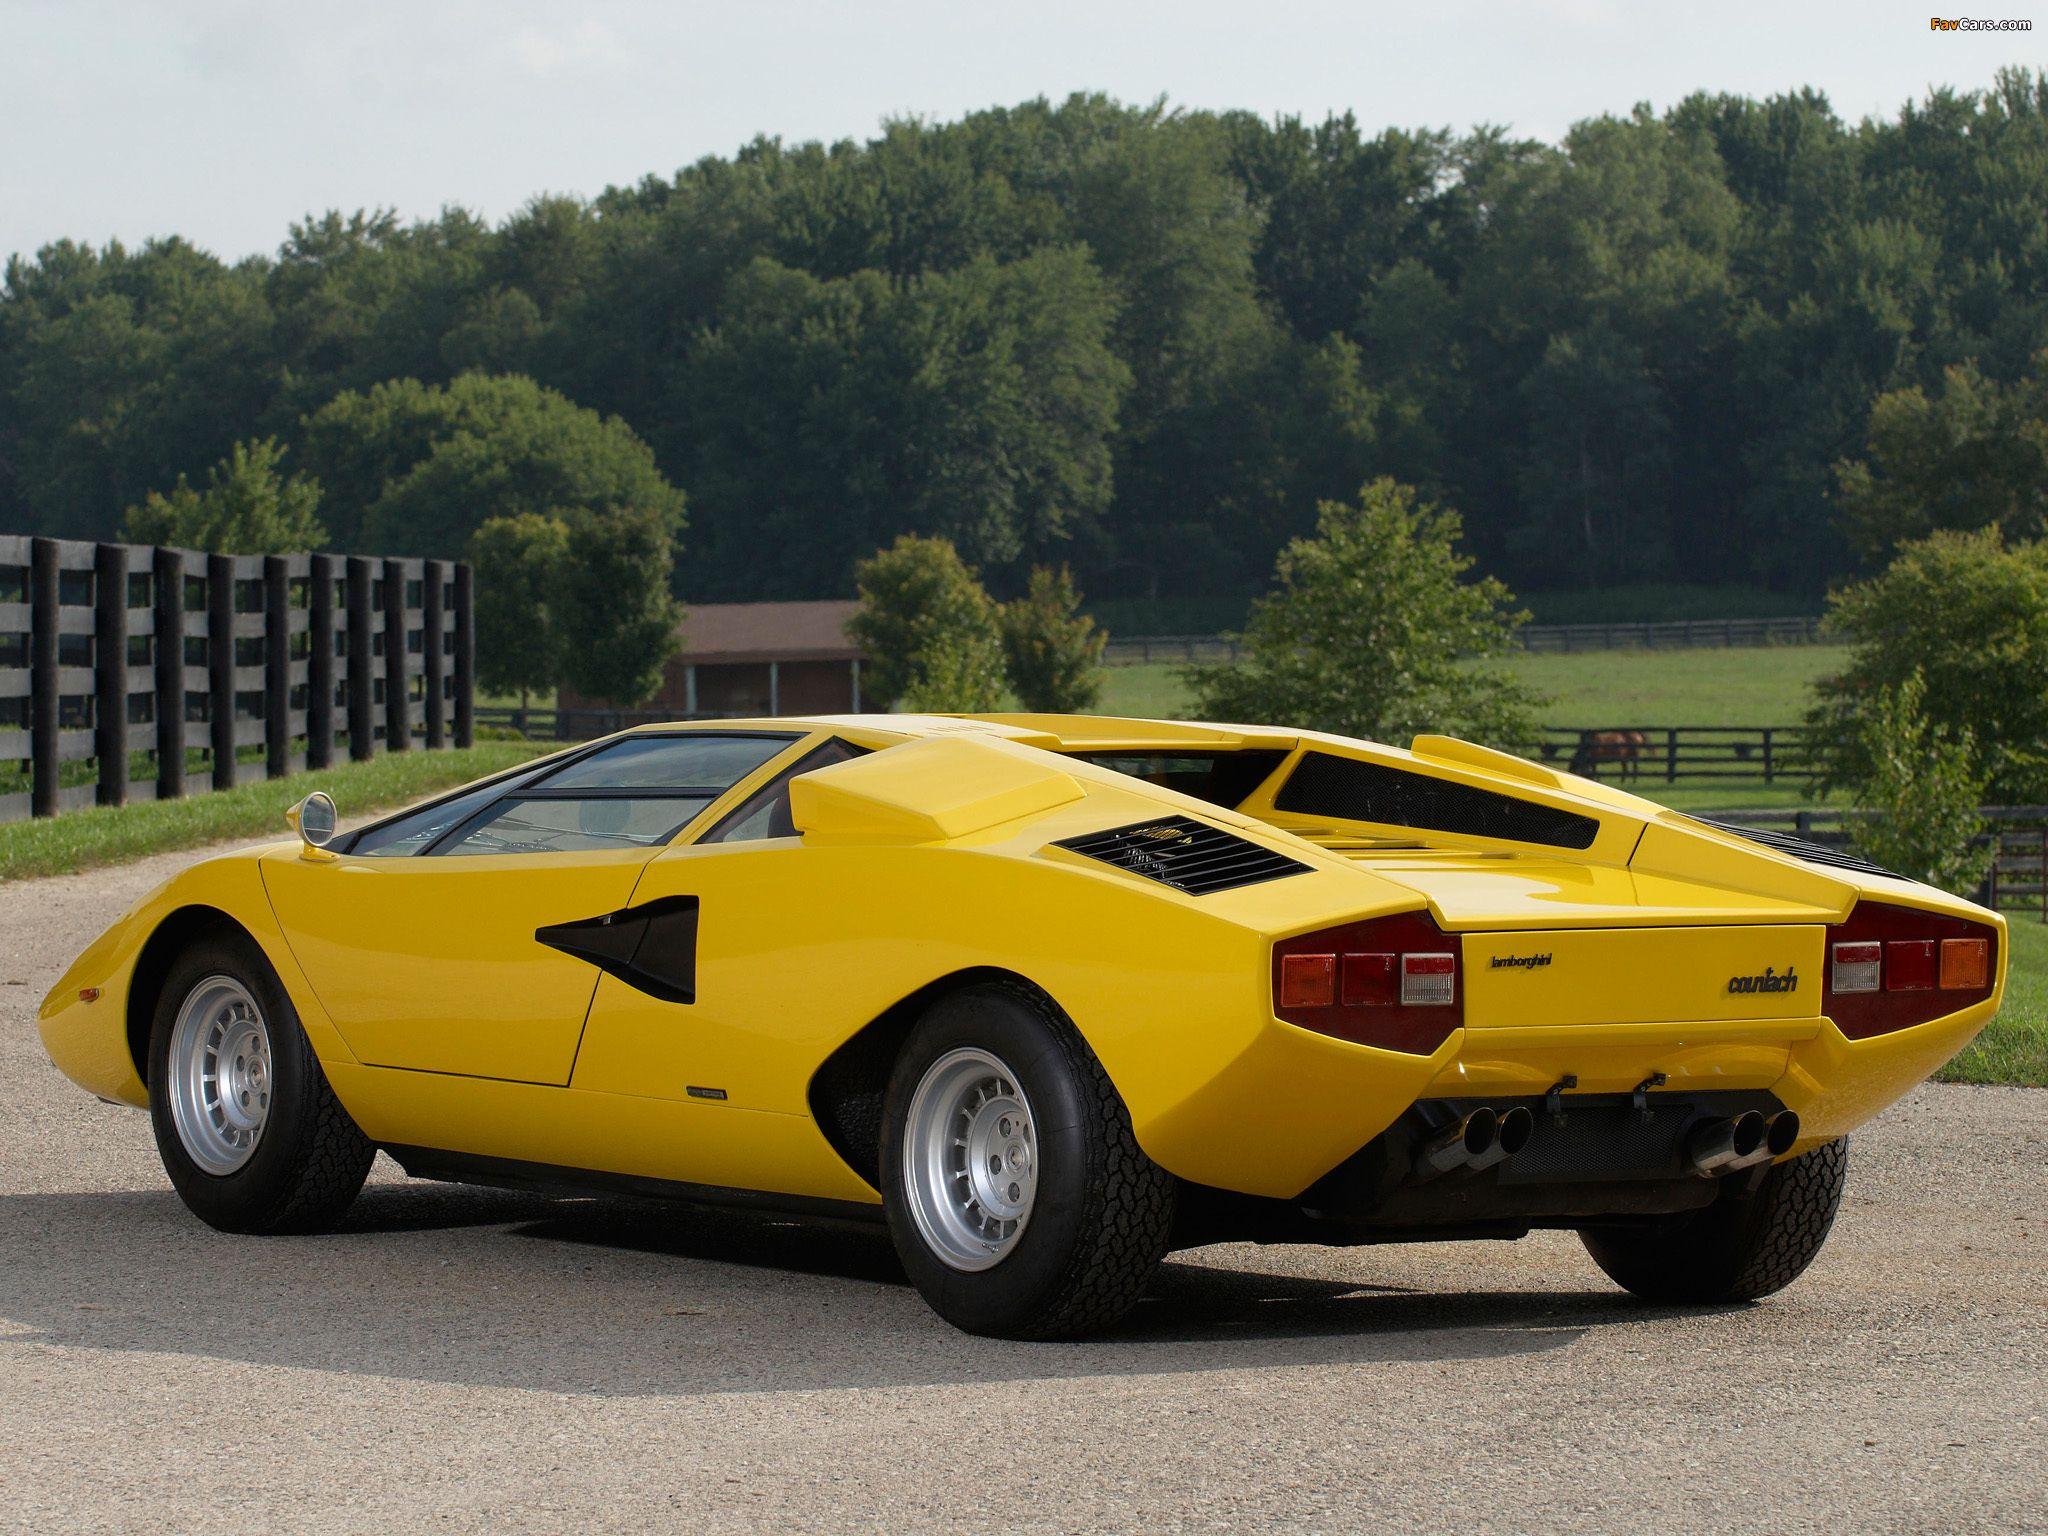 56db89af0491e96183cffe57e51e49c4 Extraordinary Lamborghini Countach 5000 Quattrovalvole Specs Cars Trend